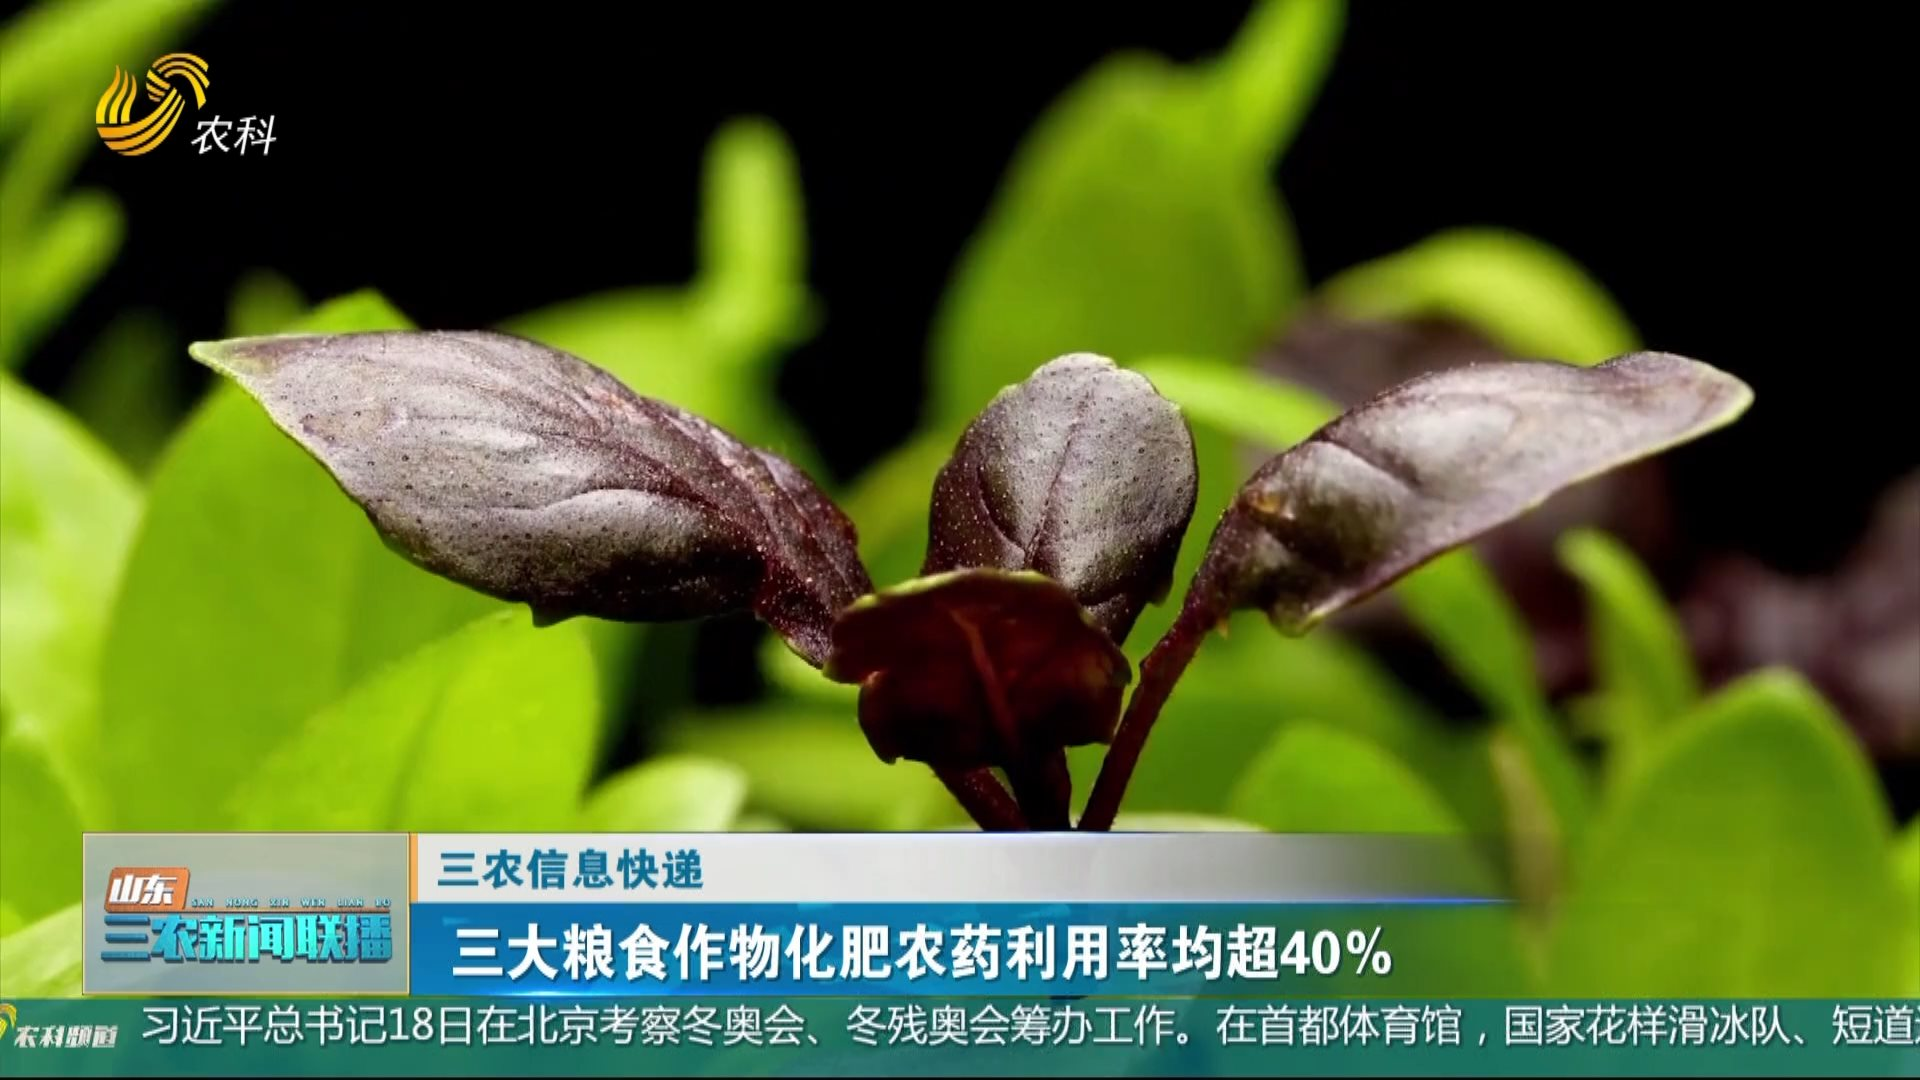 【三农信息快递】三大粮食作物化肥农药利用率均超40%